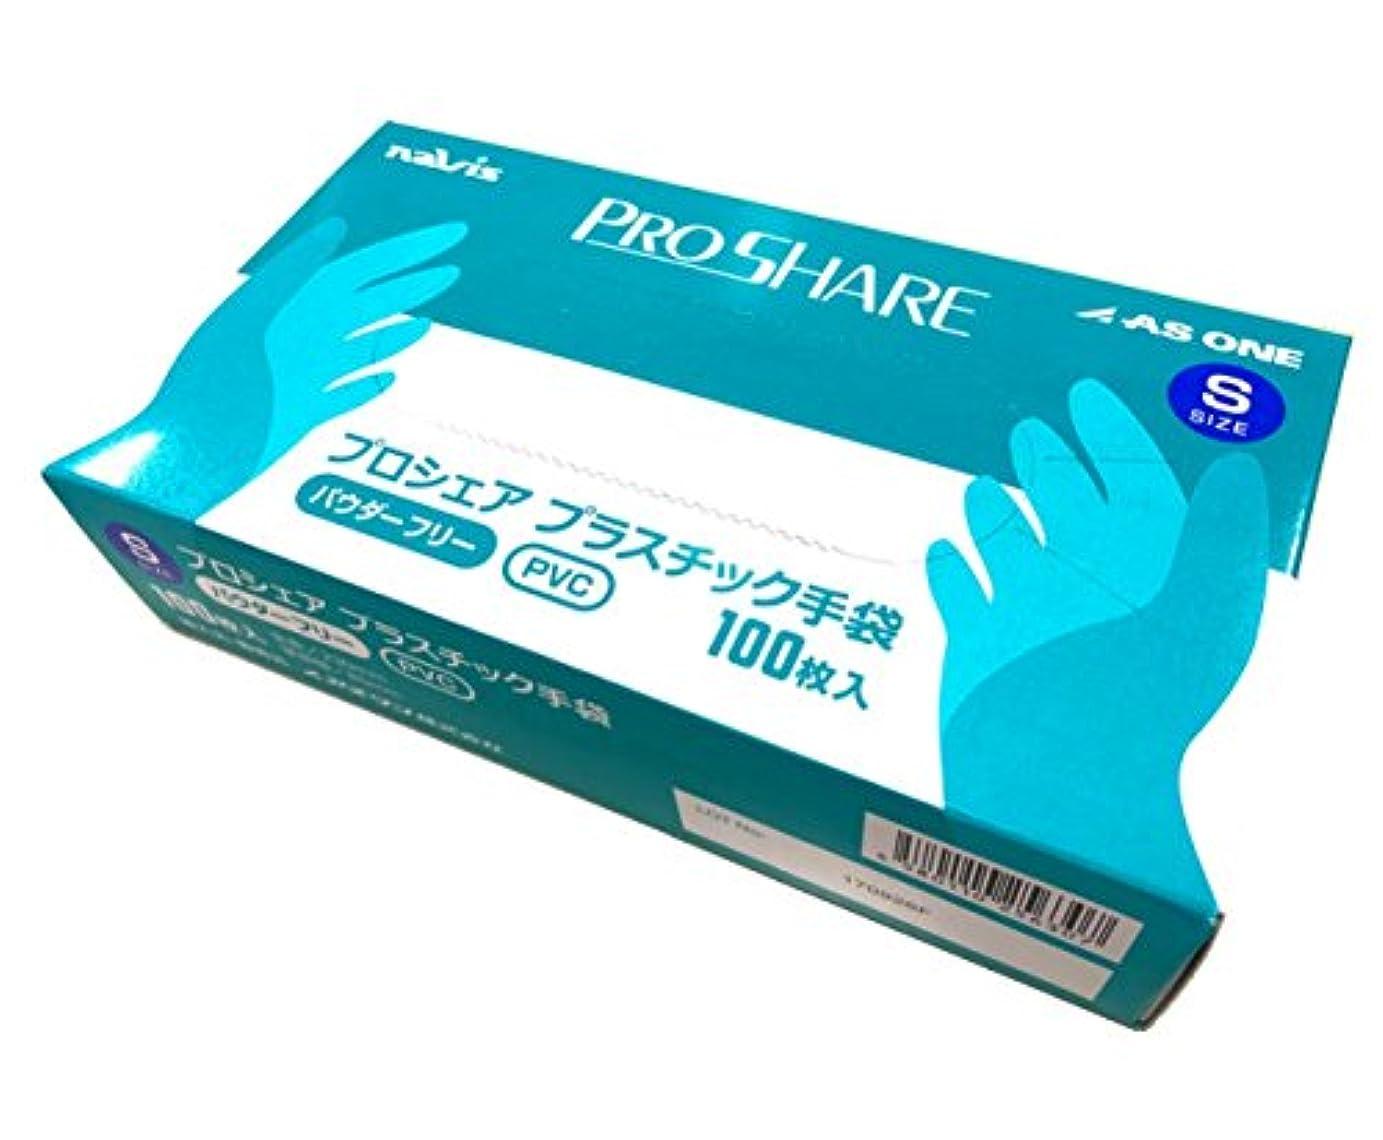 ハンディ滝電卓ナビス プロシェア 使い捨て プラスチック手袋 パウダー無 S 1箱(100枚入) / 8-9569-03